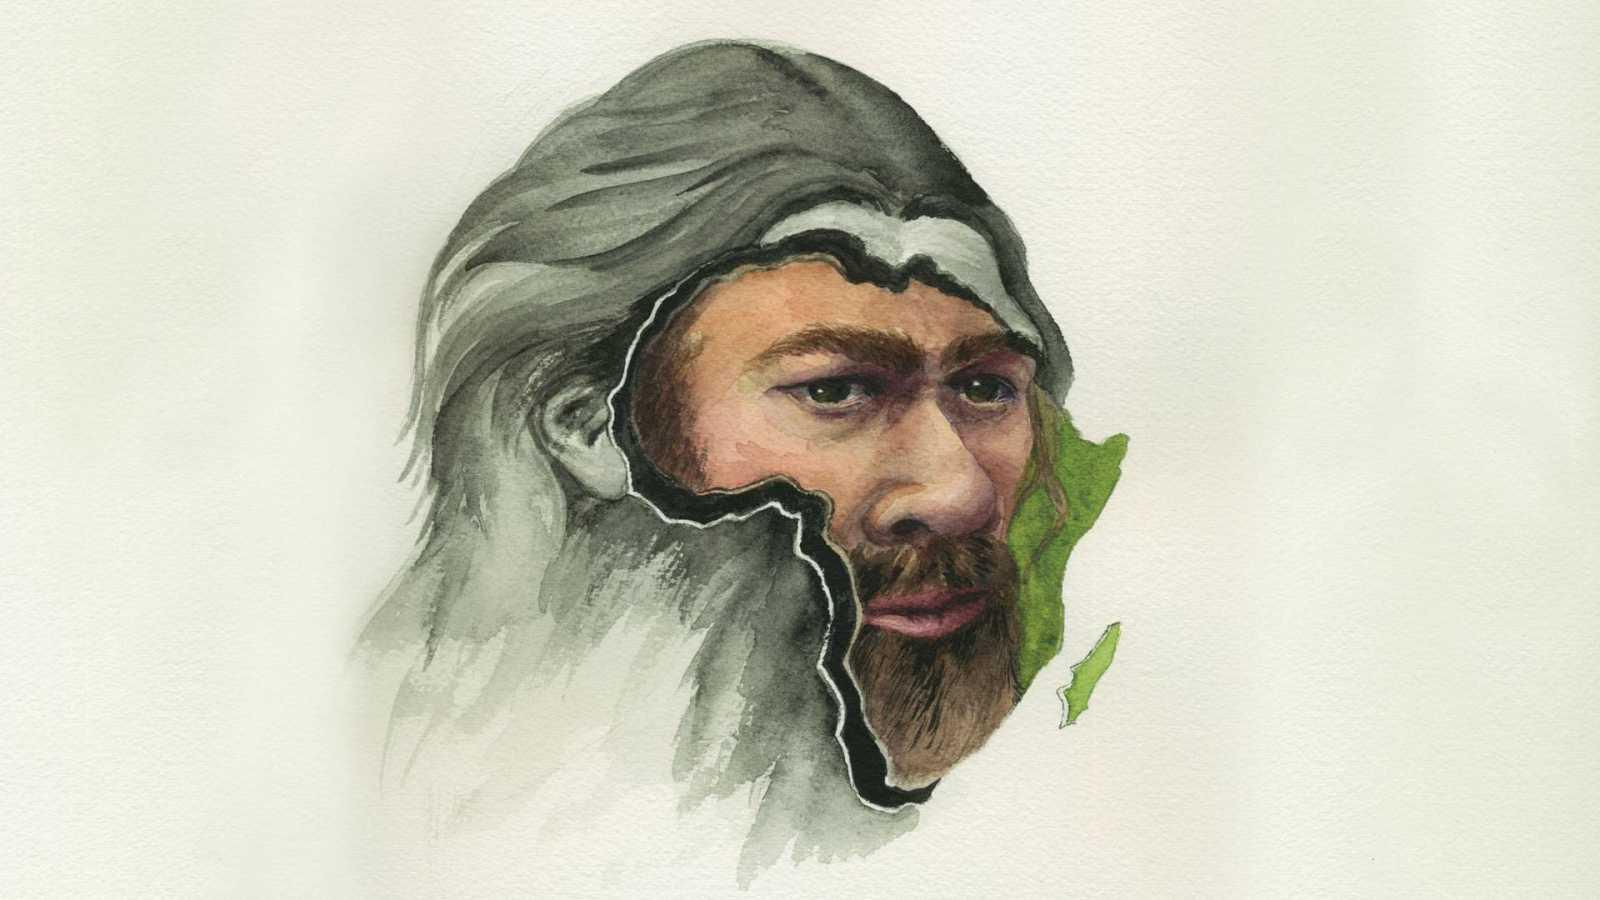 La ascendencia neandertal en los Homo sapiens africanos es mayor de lo que se pensaba.